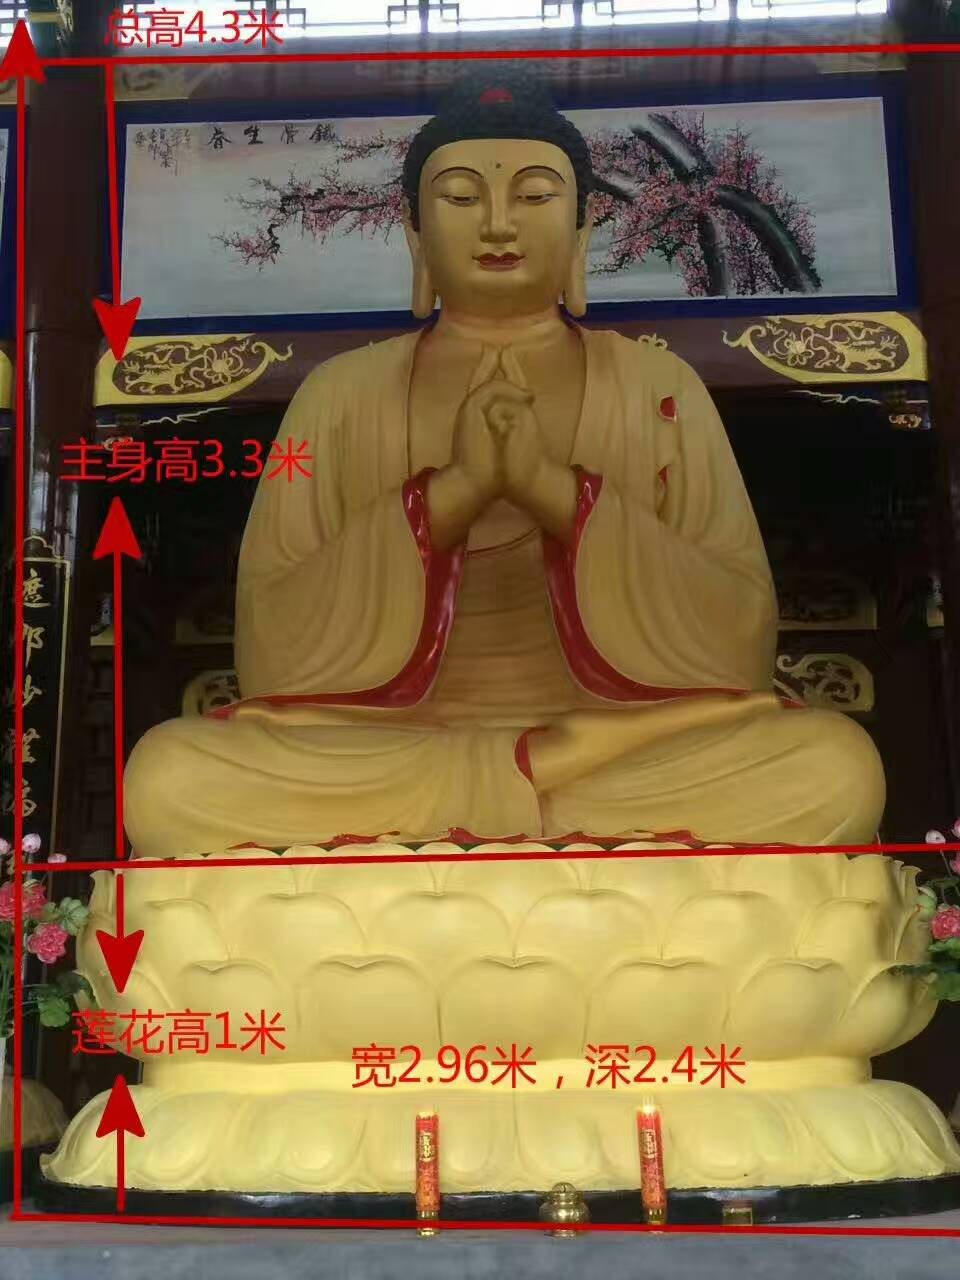 微信图片_20170811153314.jpg